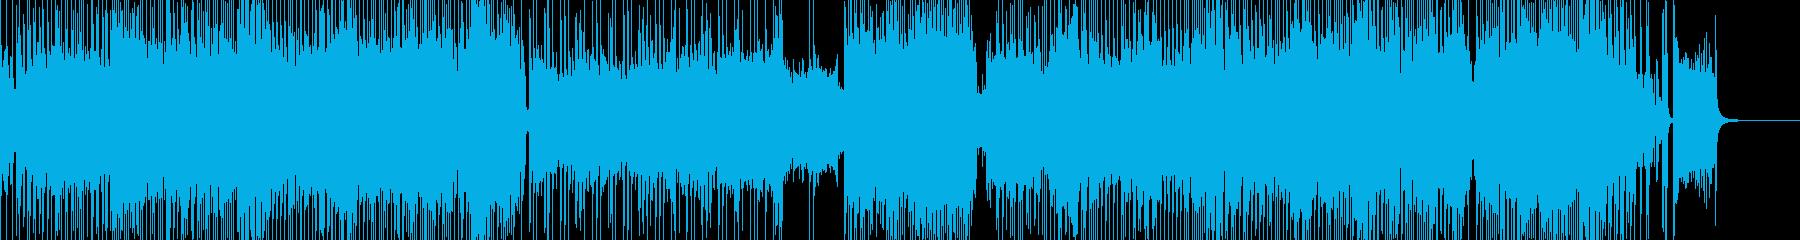 スタートダッシュエレキ・ハロウィンロックの再生済みの波形